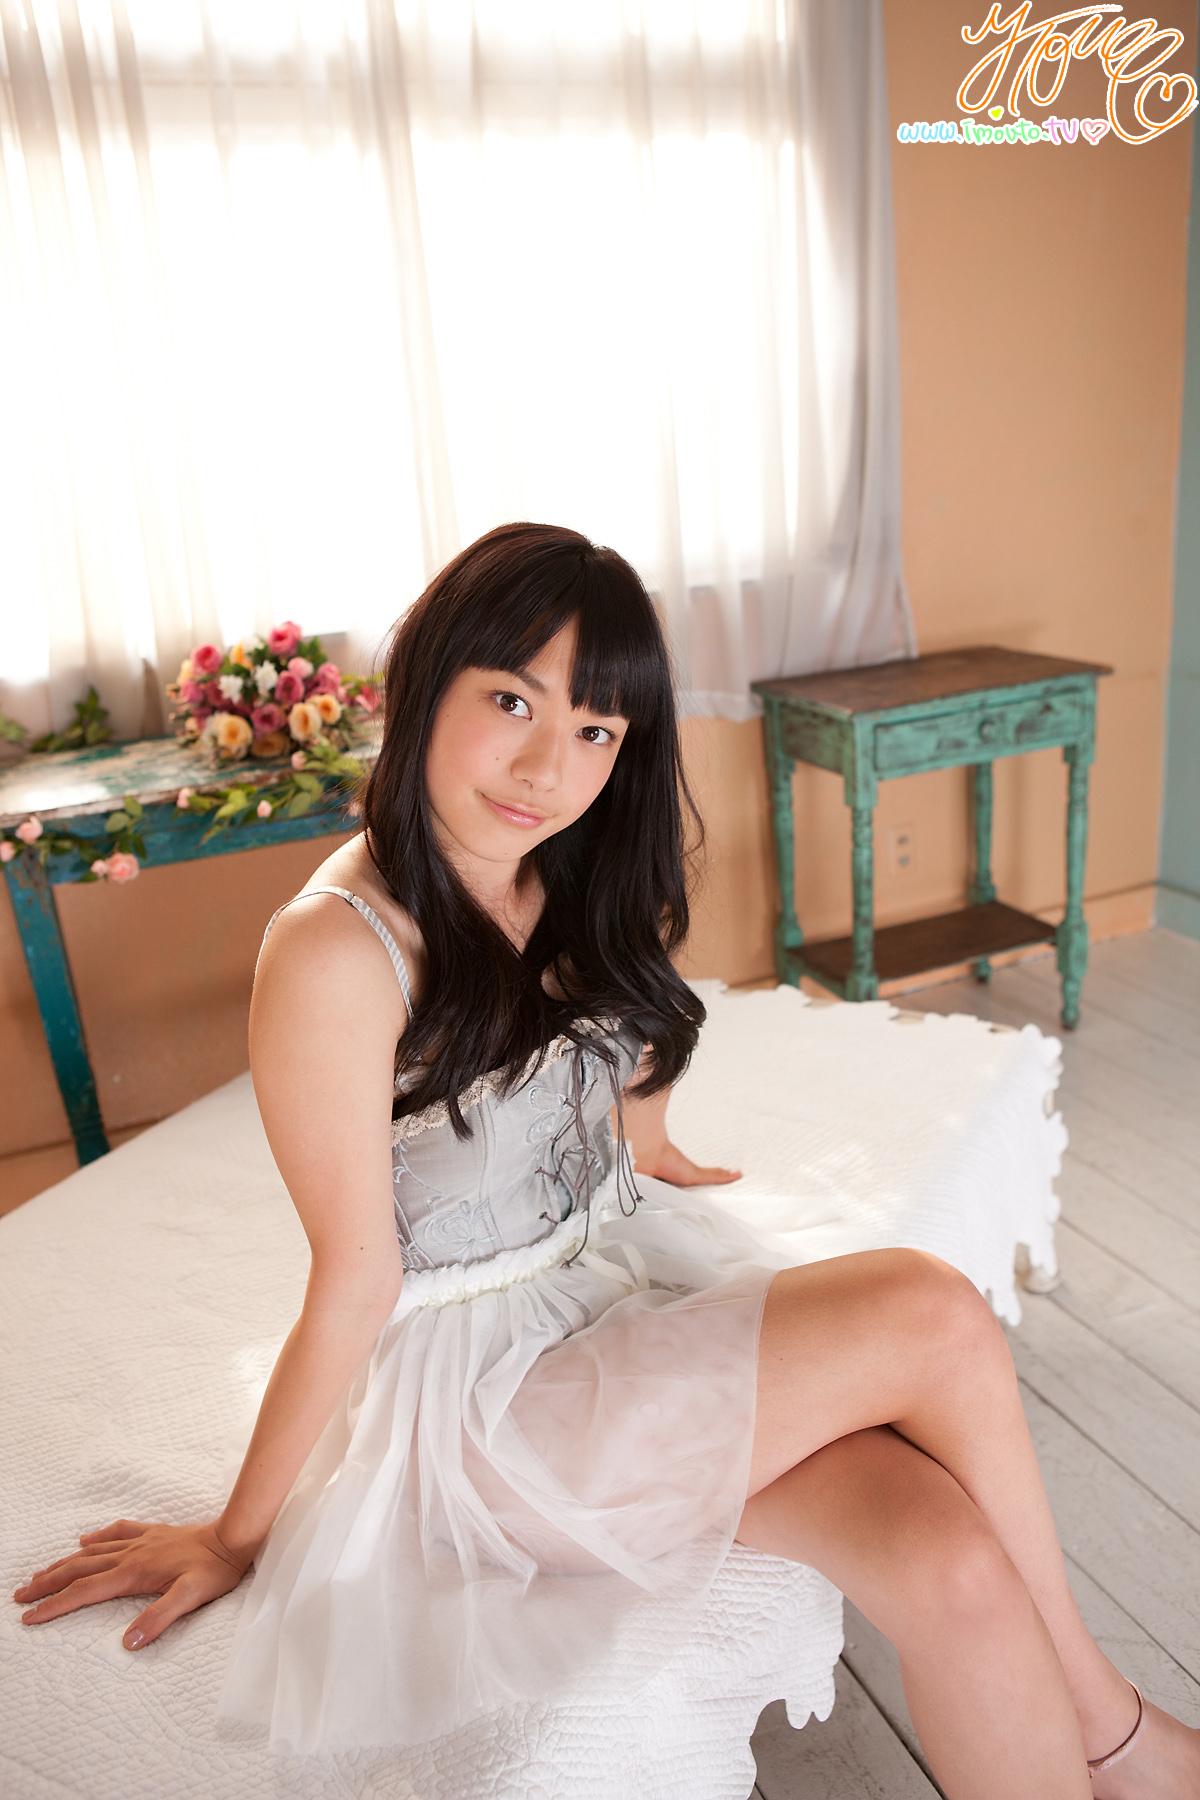 biyori_yamanaka_t04_002.jpg